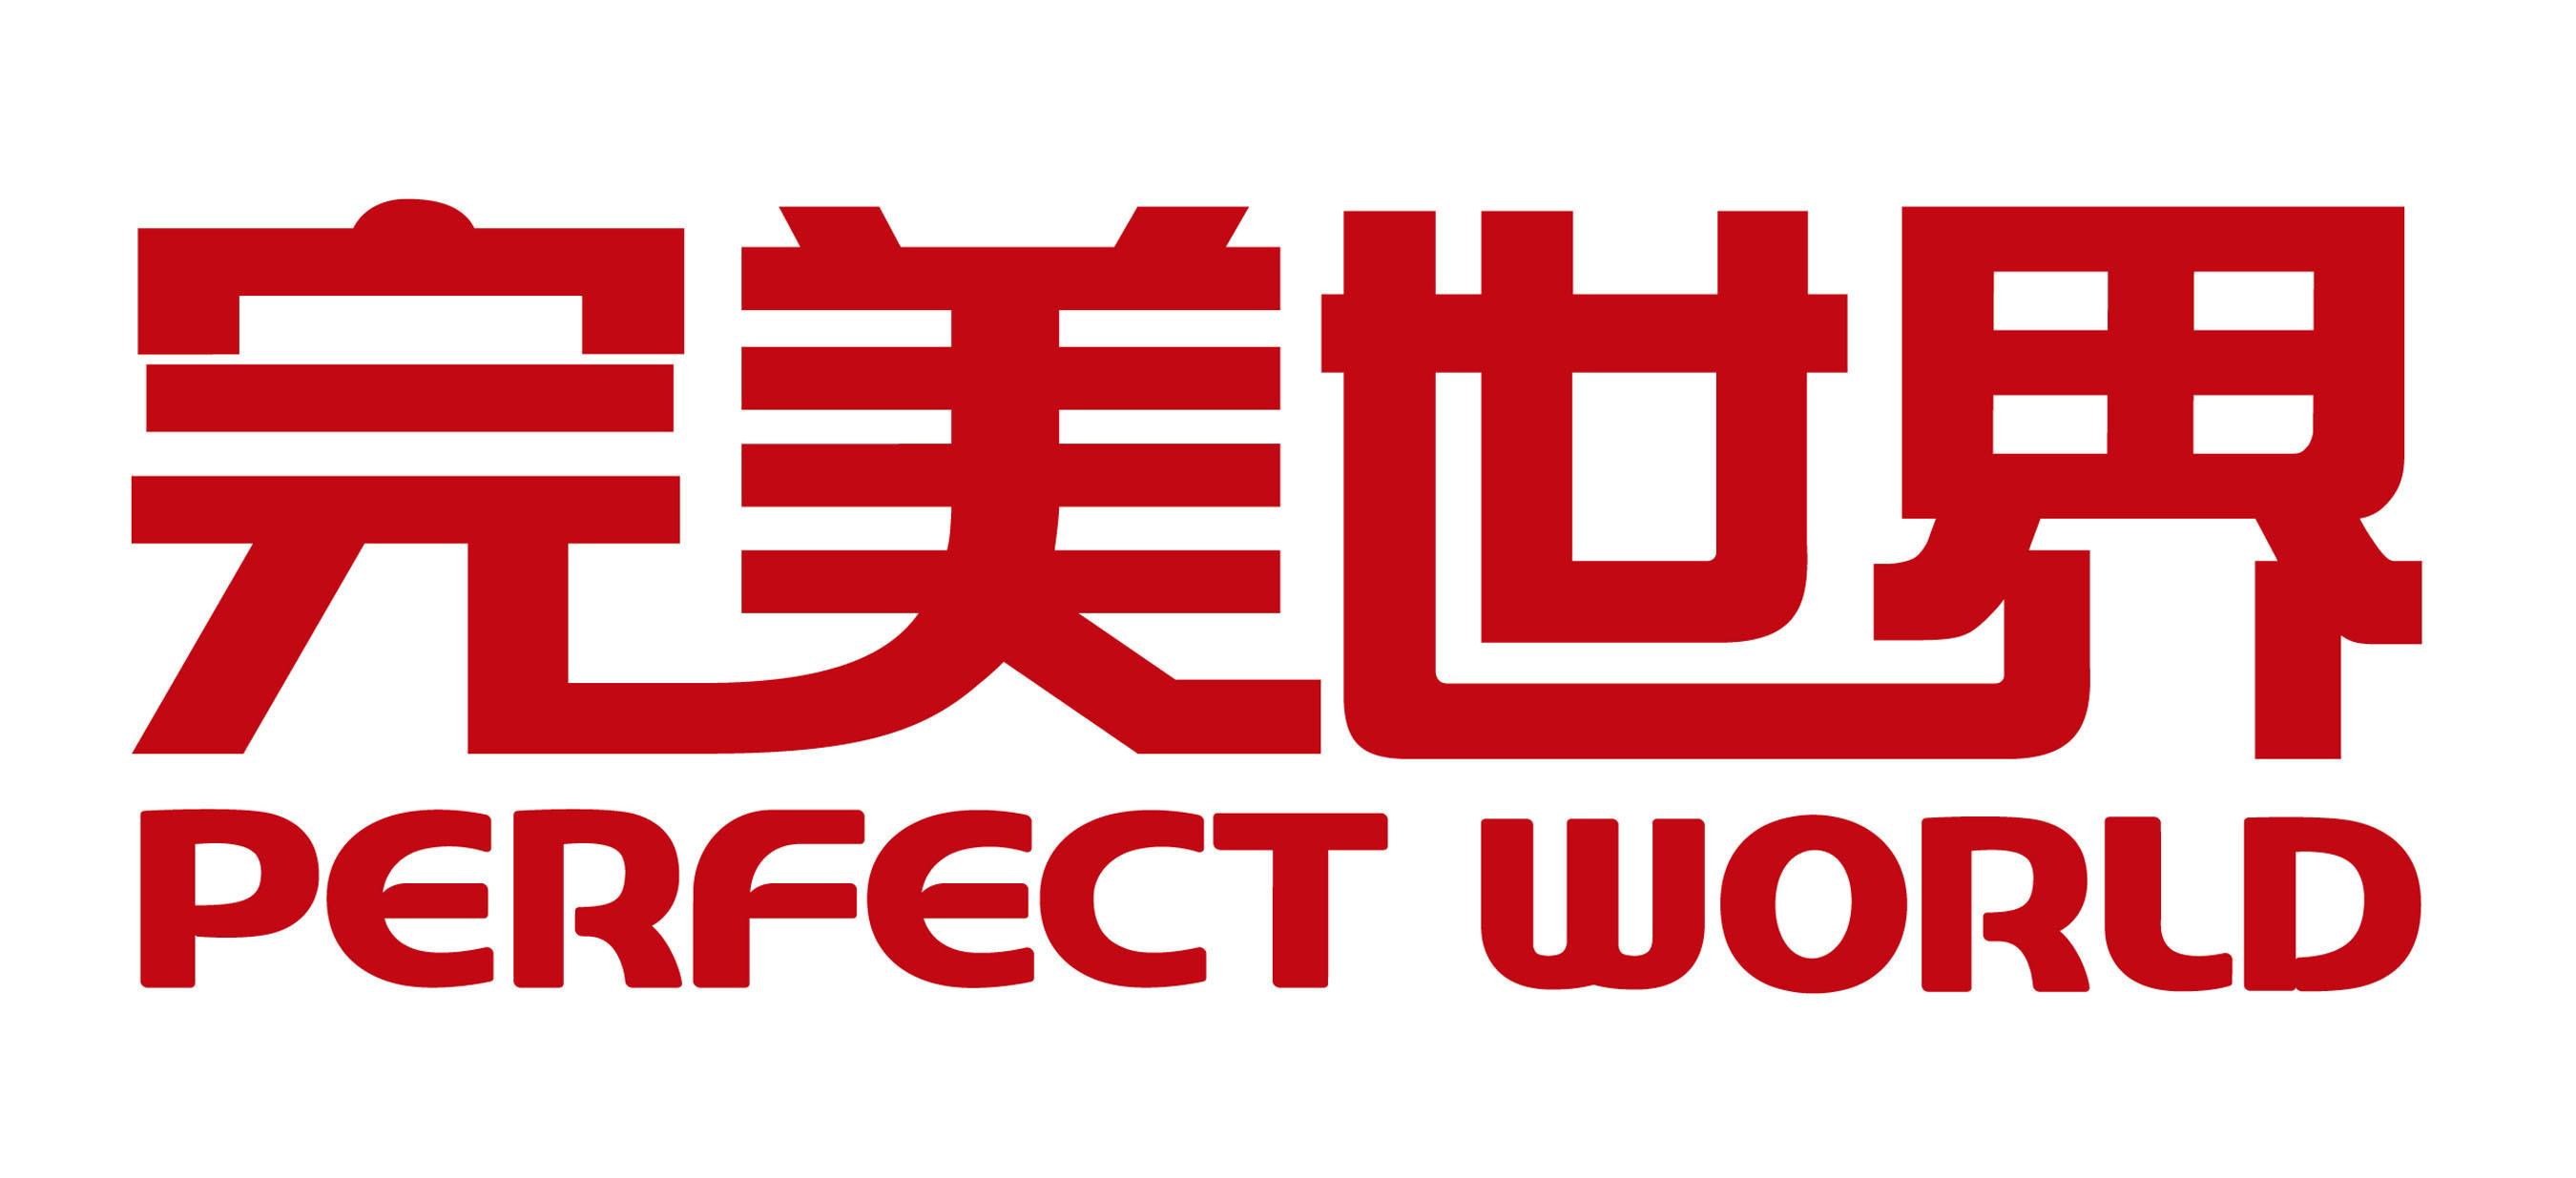 Perfect World заключает партнерское соглашение с ЮНЕСКО